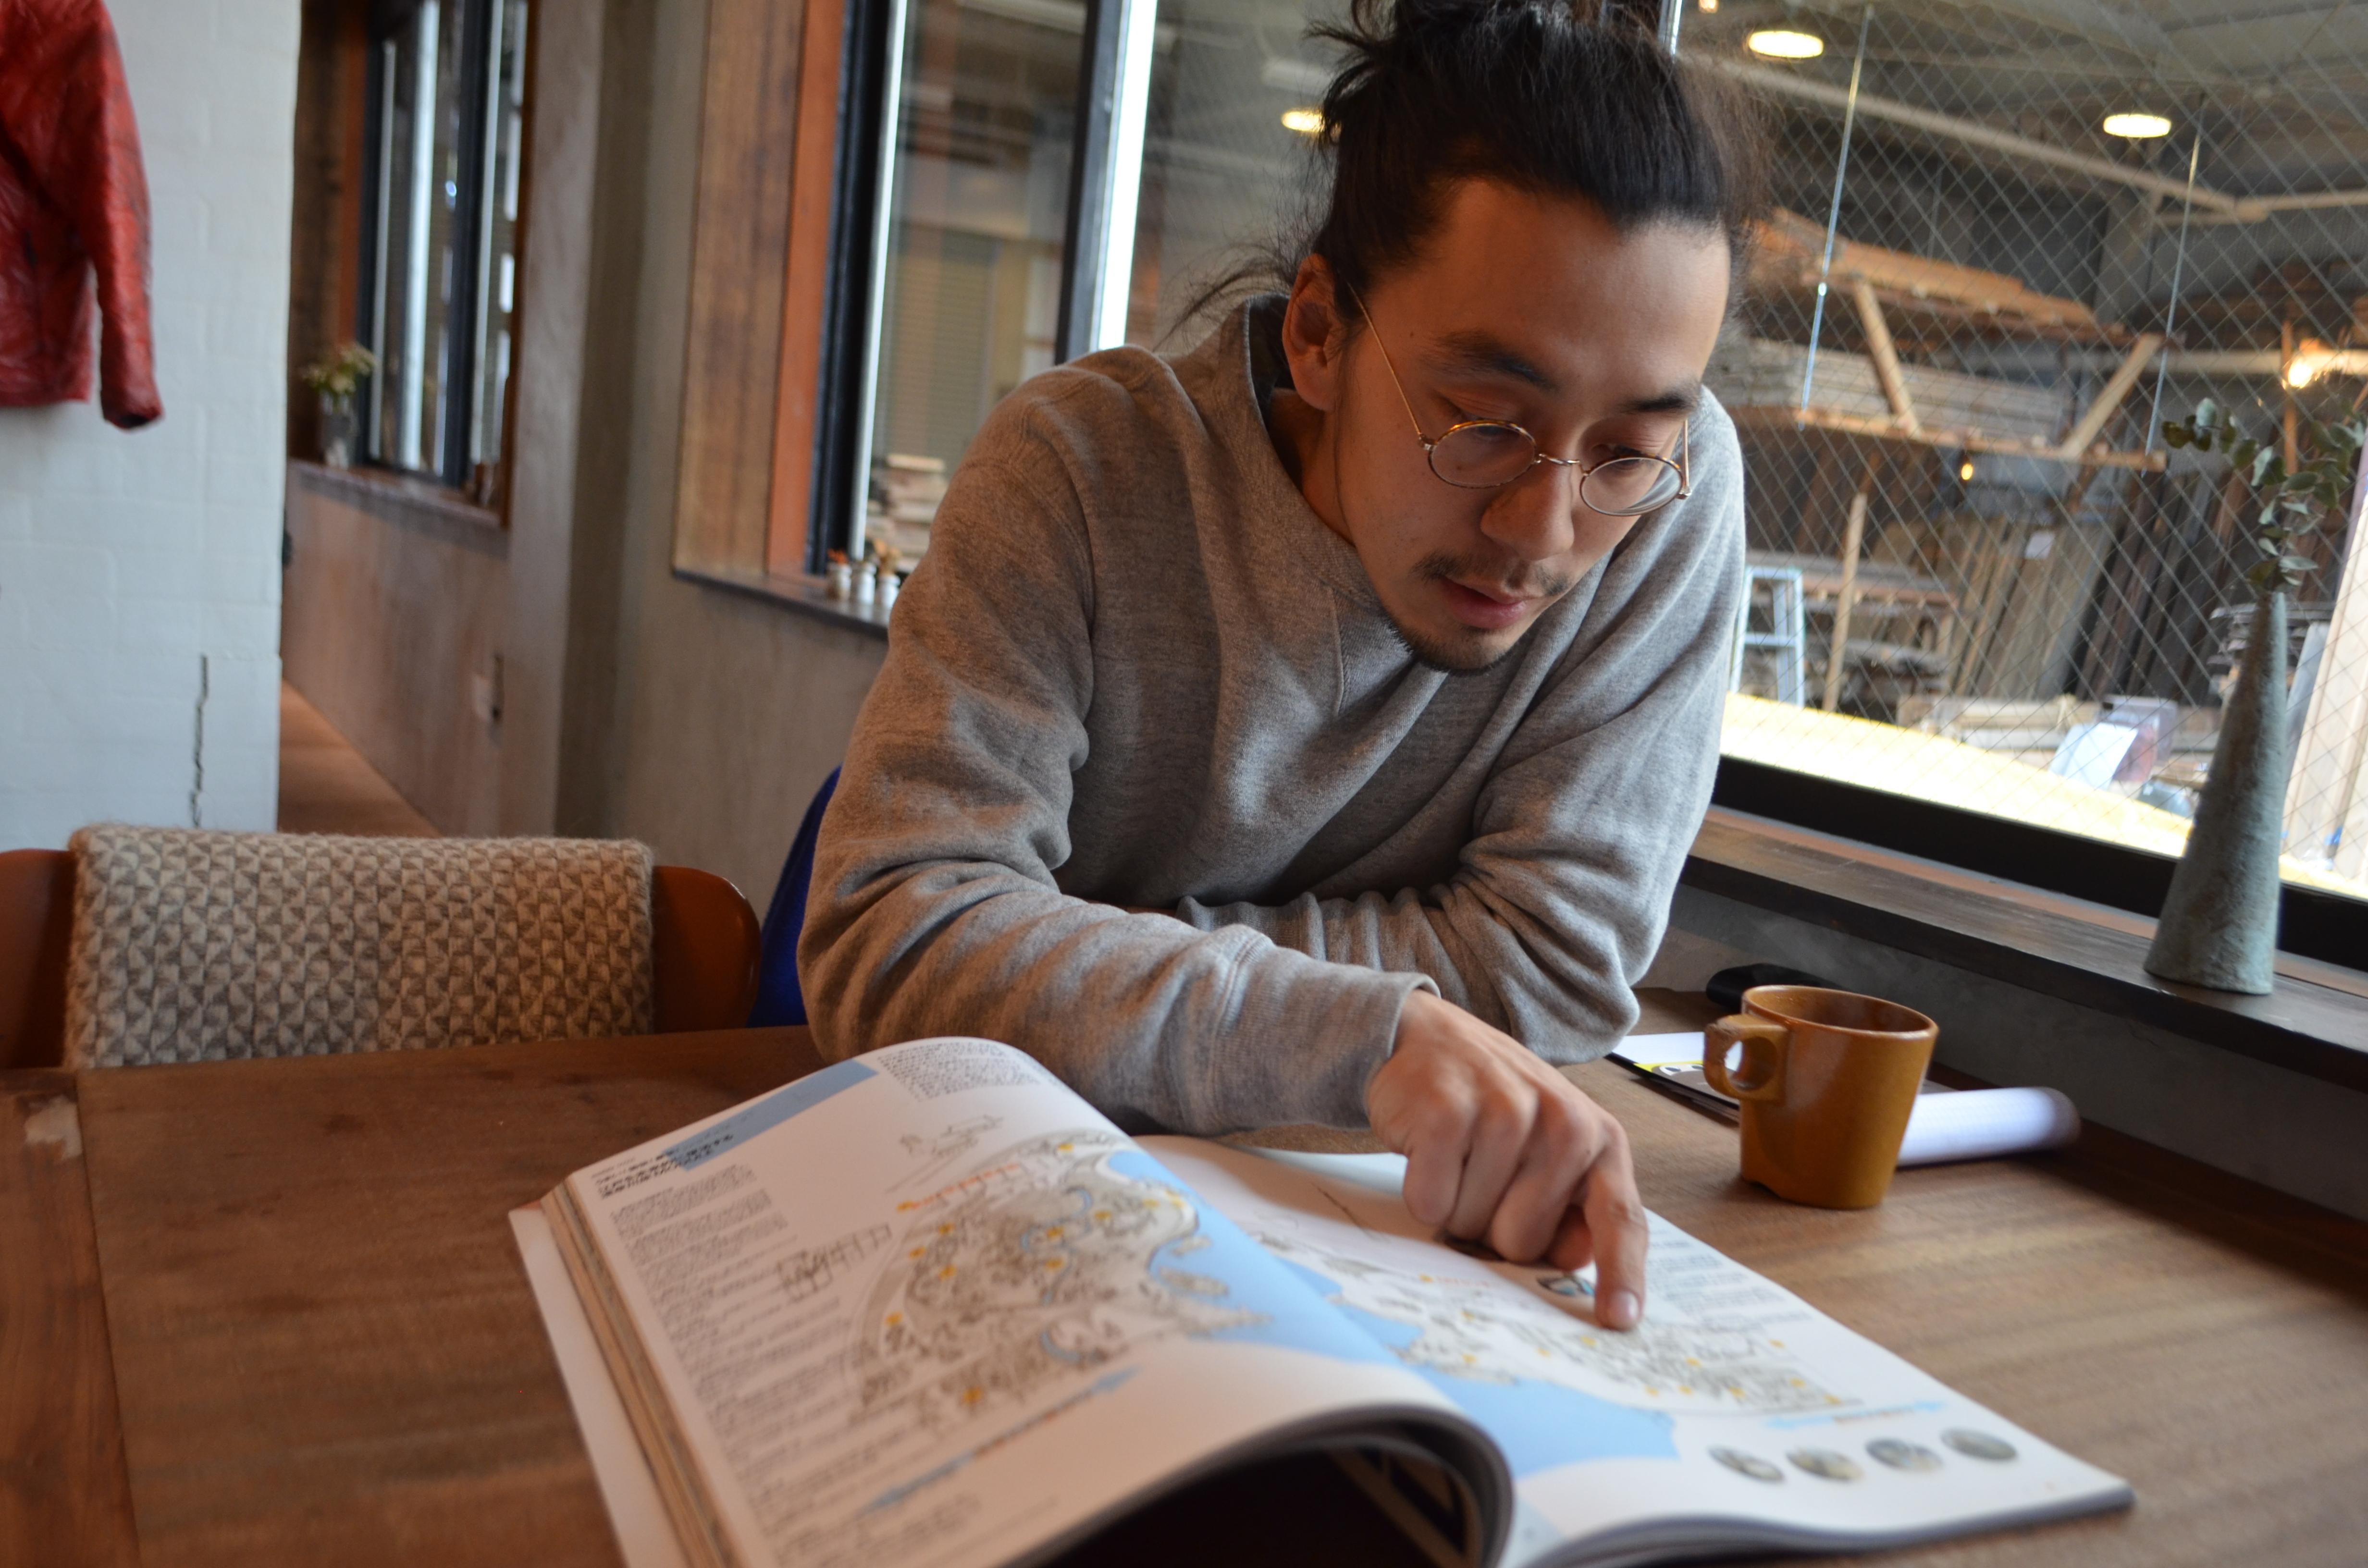 【インタビュー】東野唯史さん vol.1 古材を通してつくり出したい「ReBuild New Culture」という理念